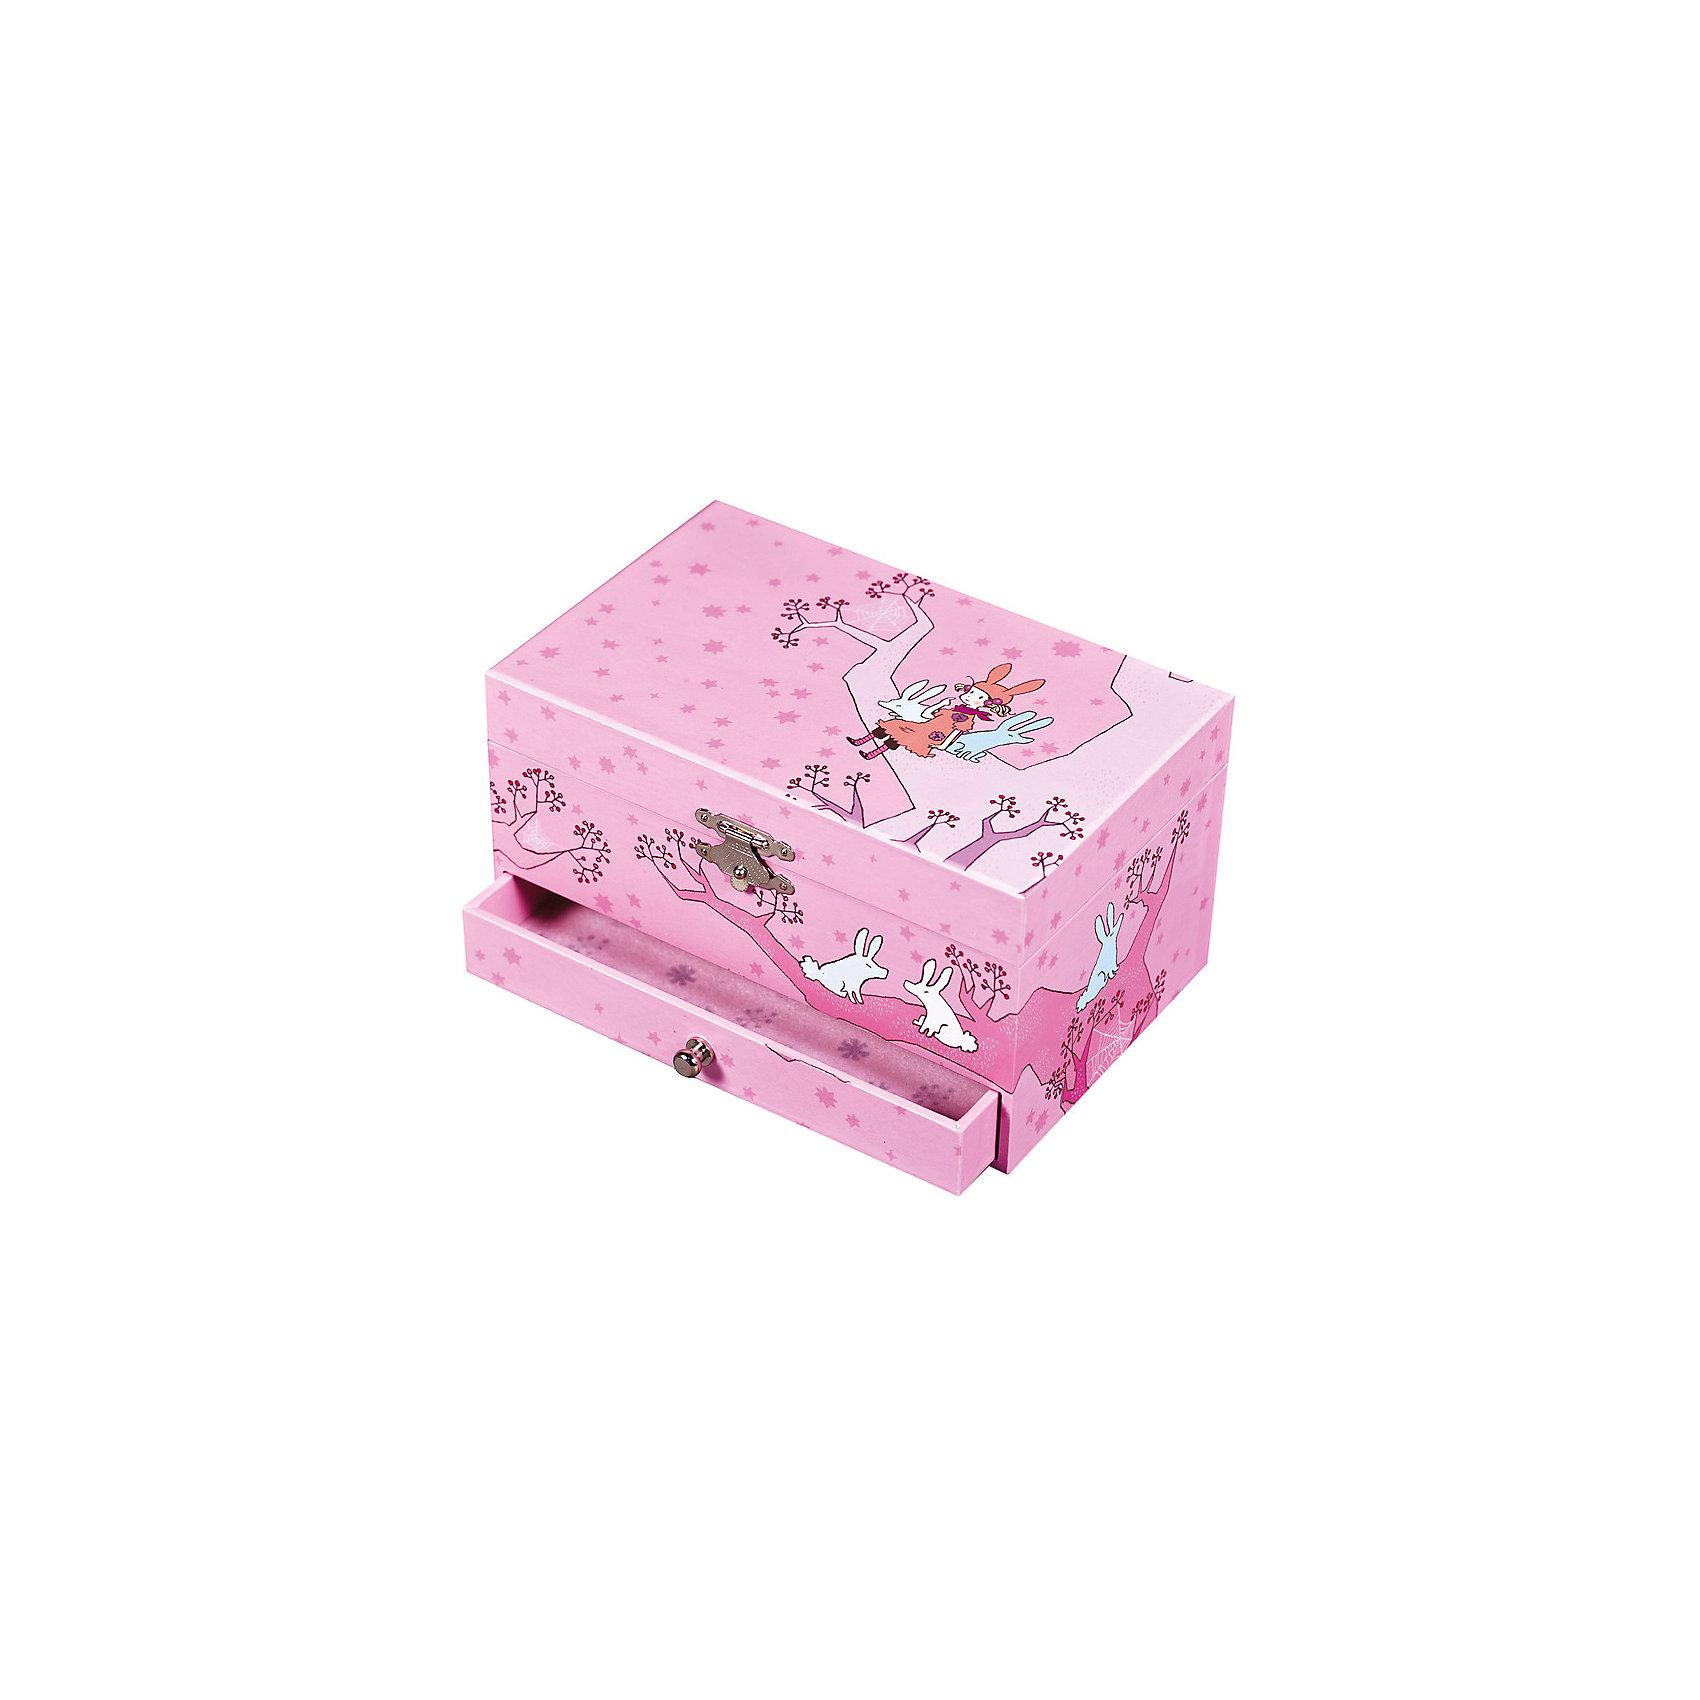 TROUSSELIER Музыкальная шкатулка Девочка на дереве Figurine Ballerina, Trousselier, pink шкатулки trousselier музыкальная шкатулка wooden box девочка и панда